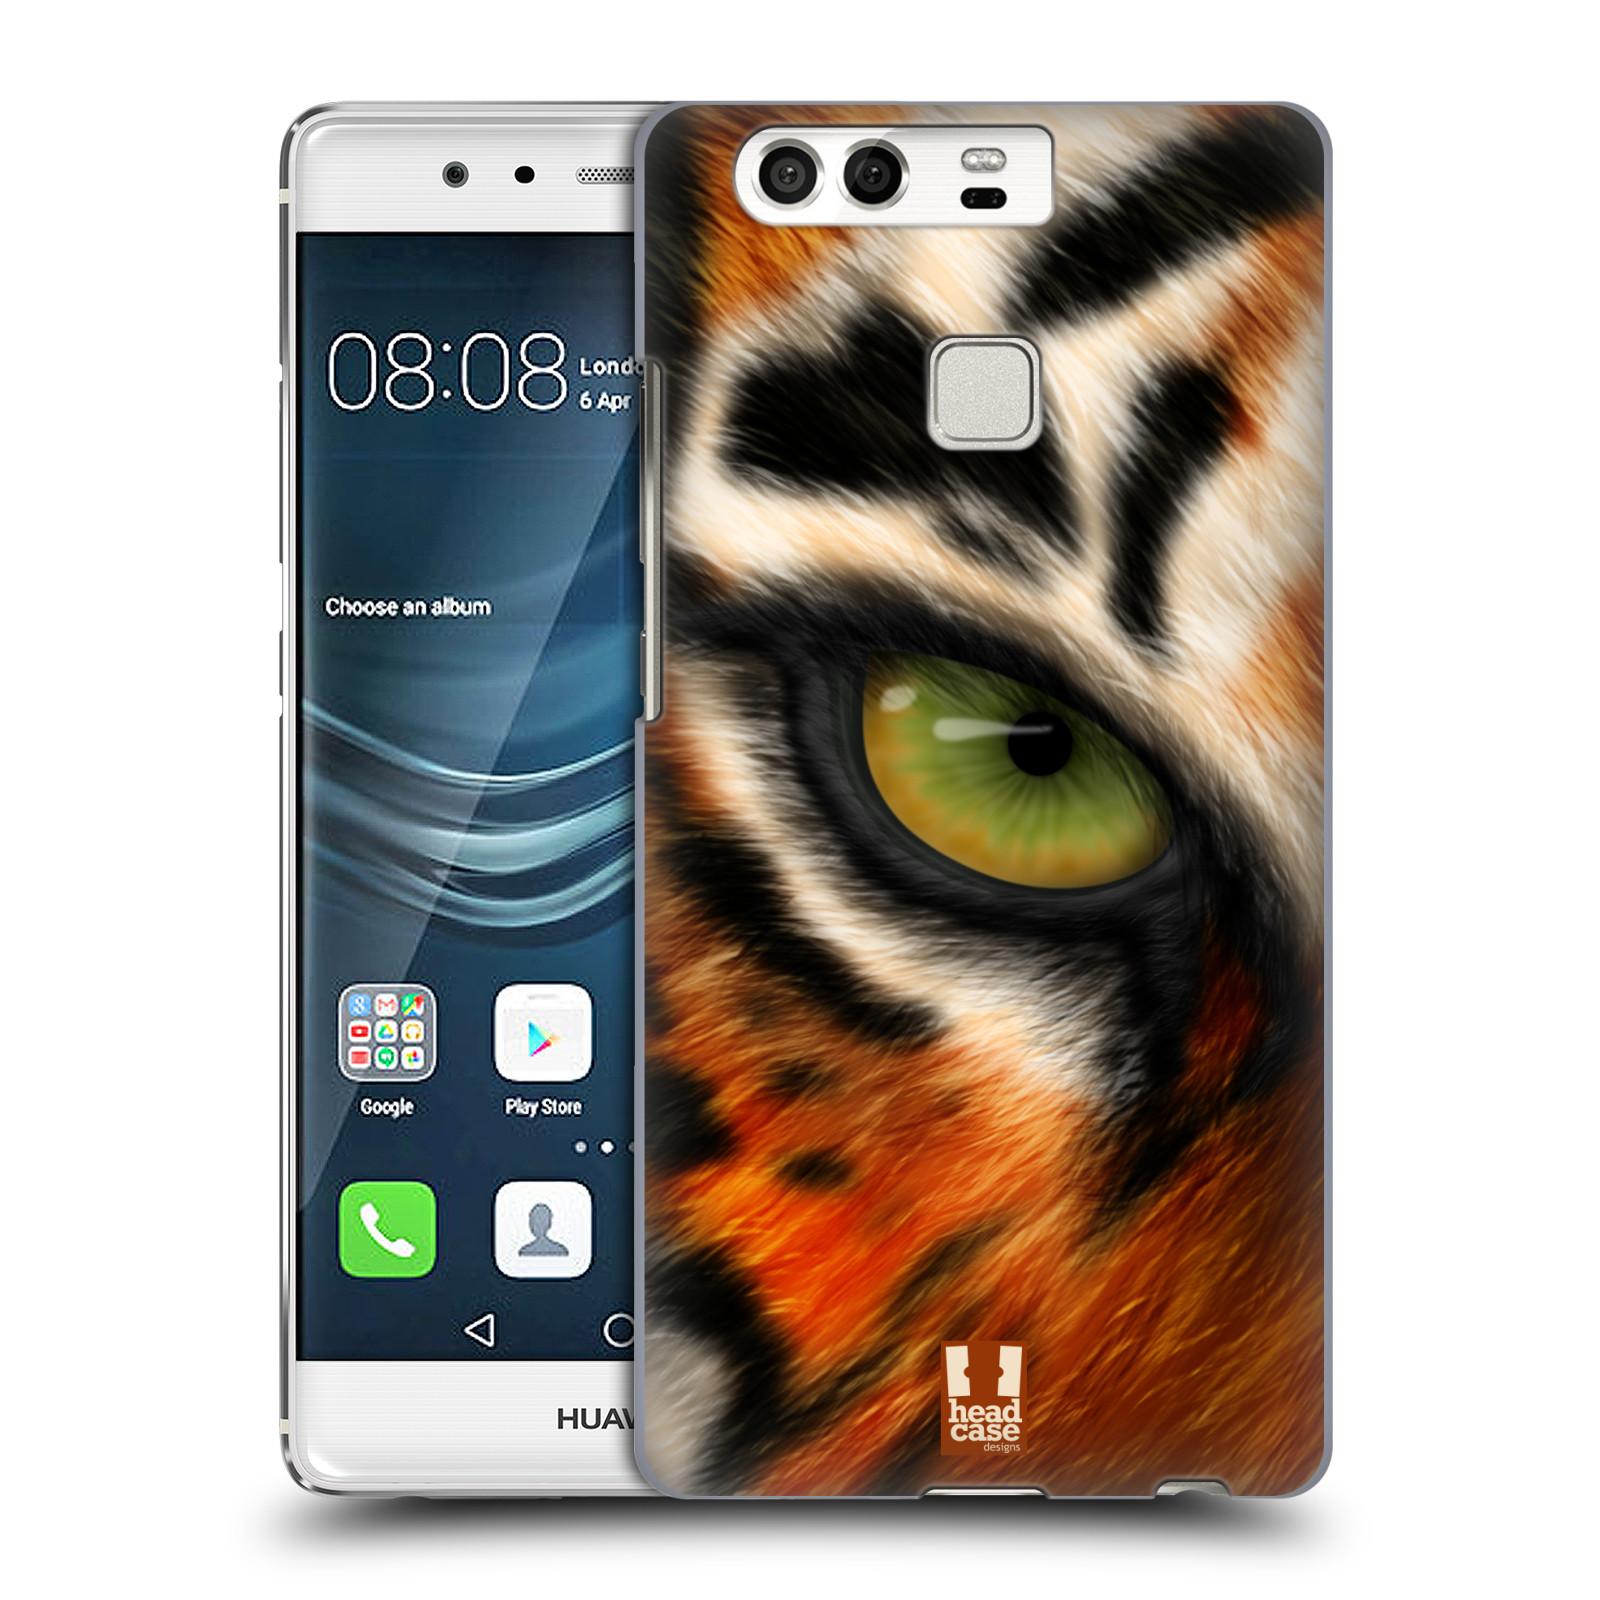 HEAD CASE plastový obal na mobil Huawei P9 / P9 DUAL SIM vzor pohled zvířete oko tygr